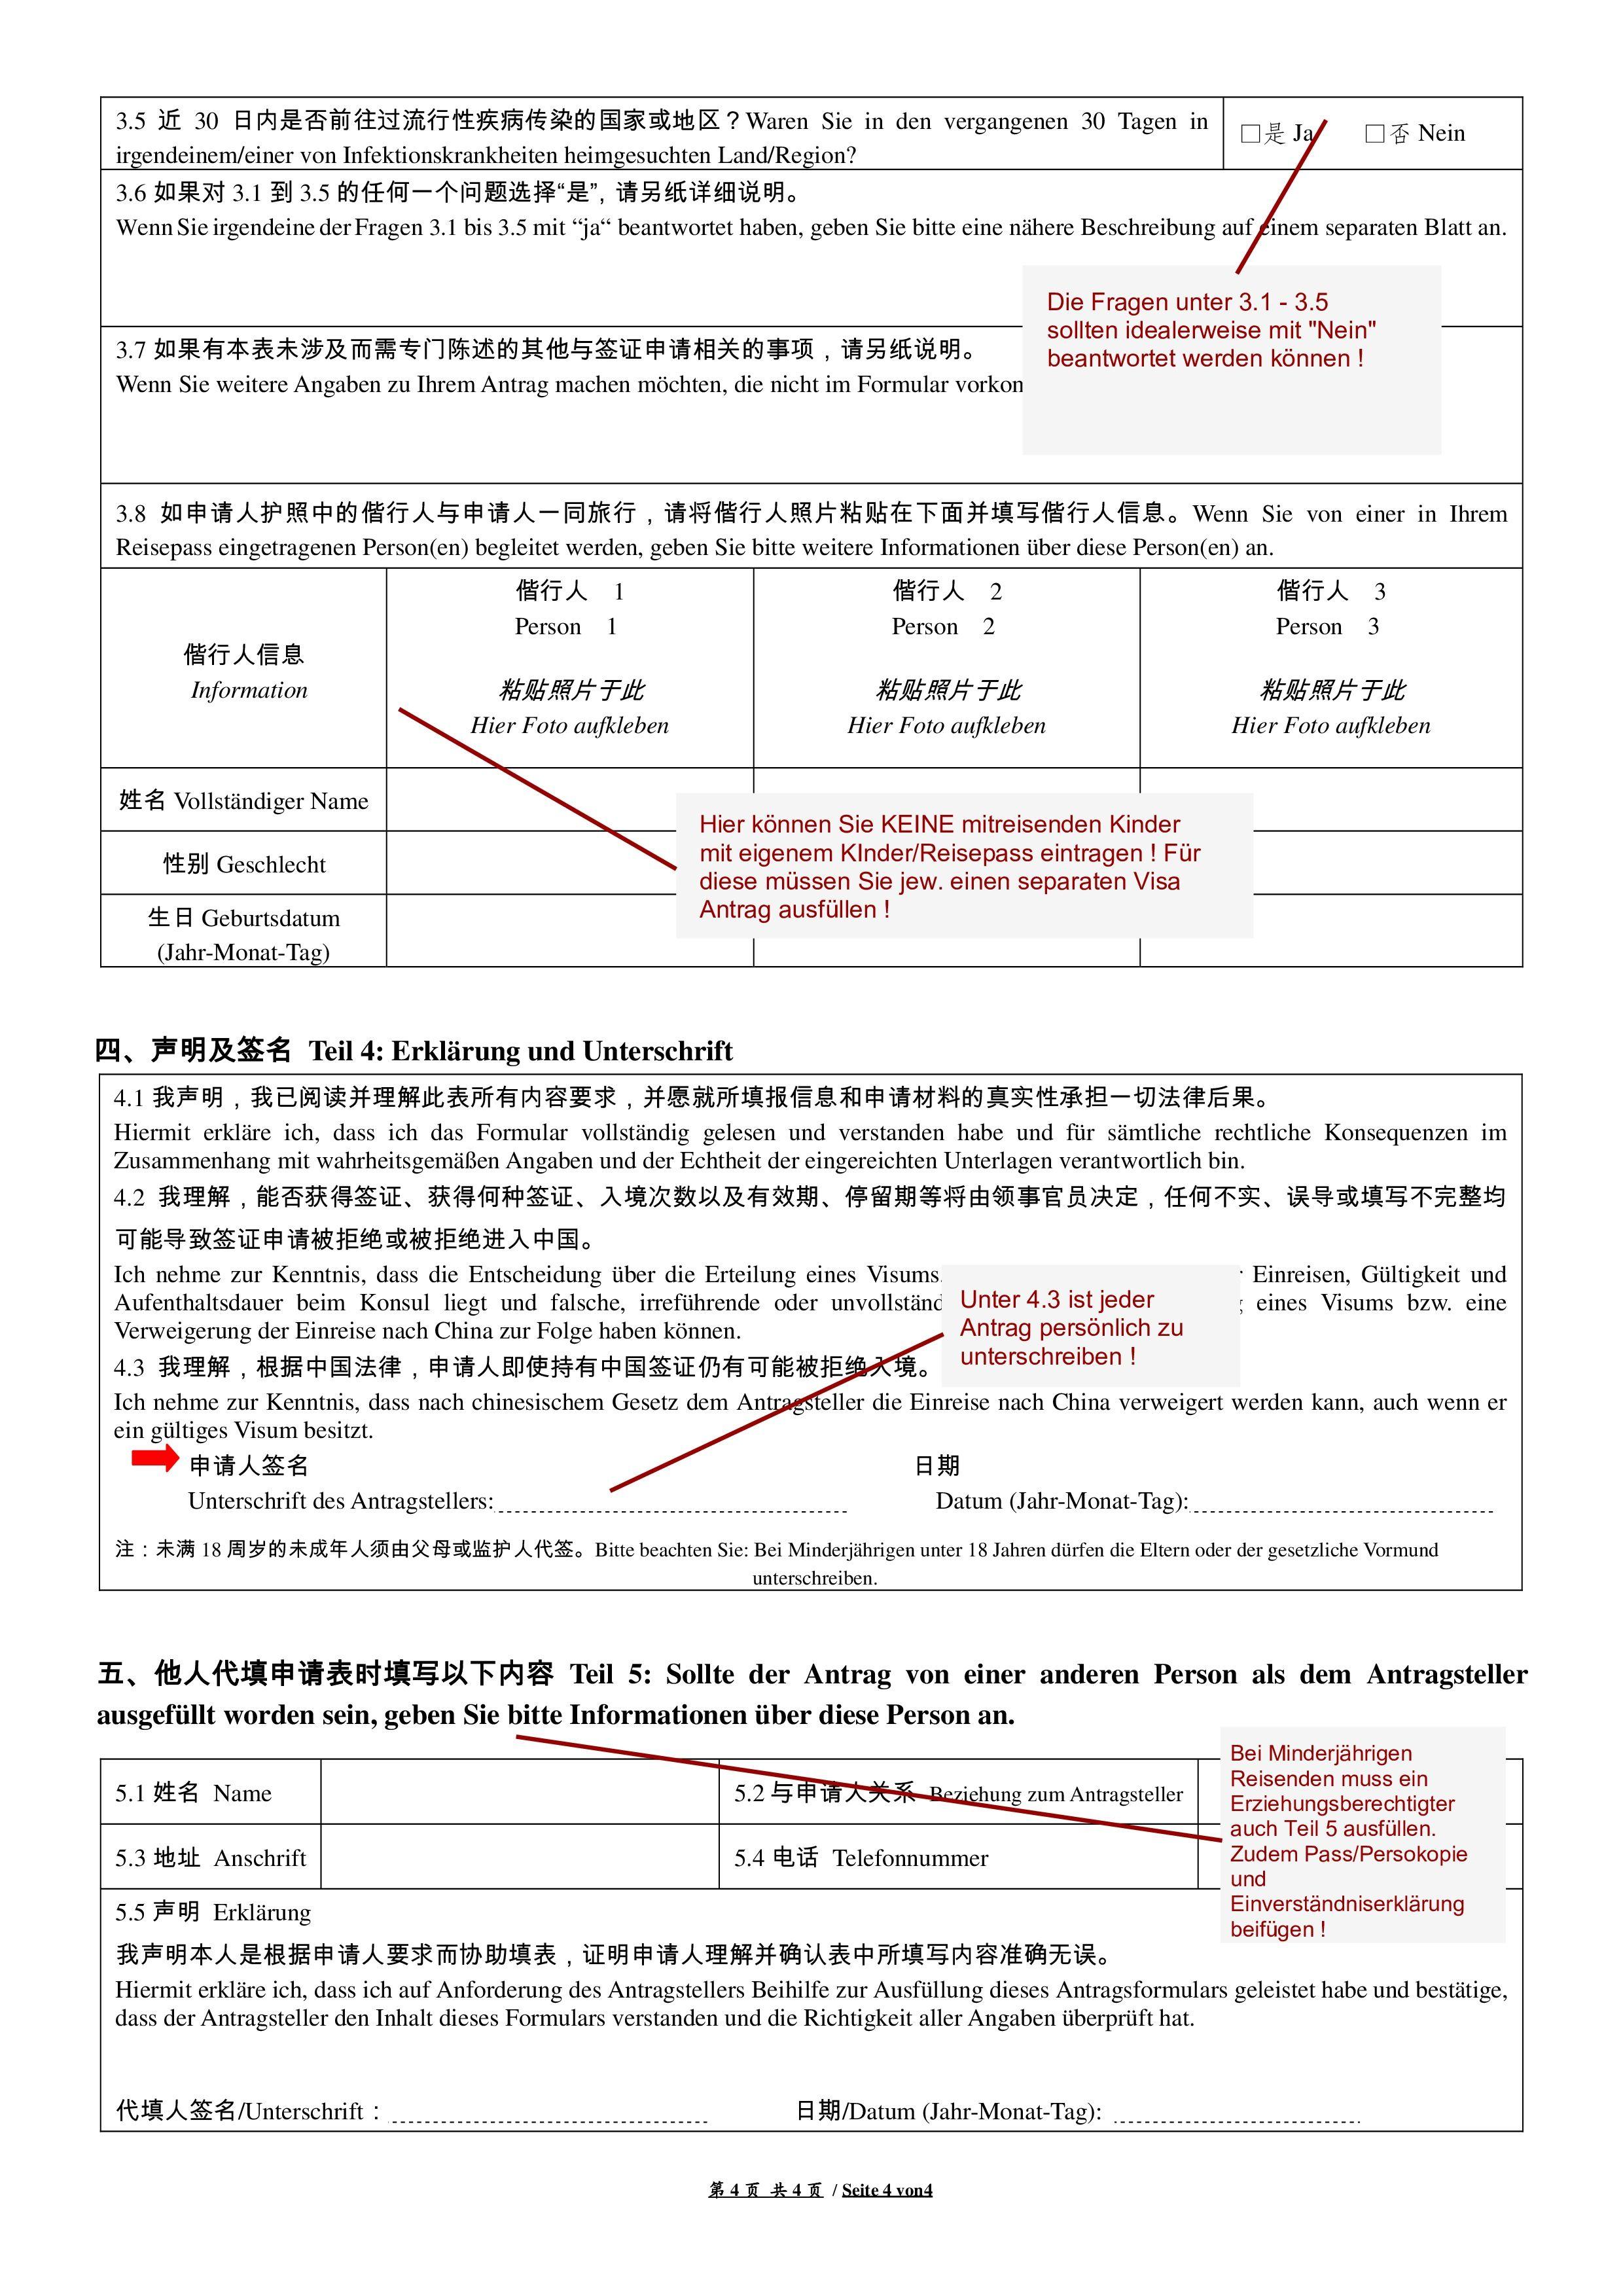 China Visum Antrag Hilfe 4 Was Sie Beim Ausfullen Des China Visum Antrages V 2013 Beachten Sollten China Reisepass Erste Hilfe